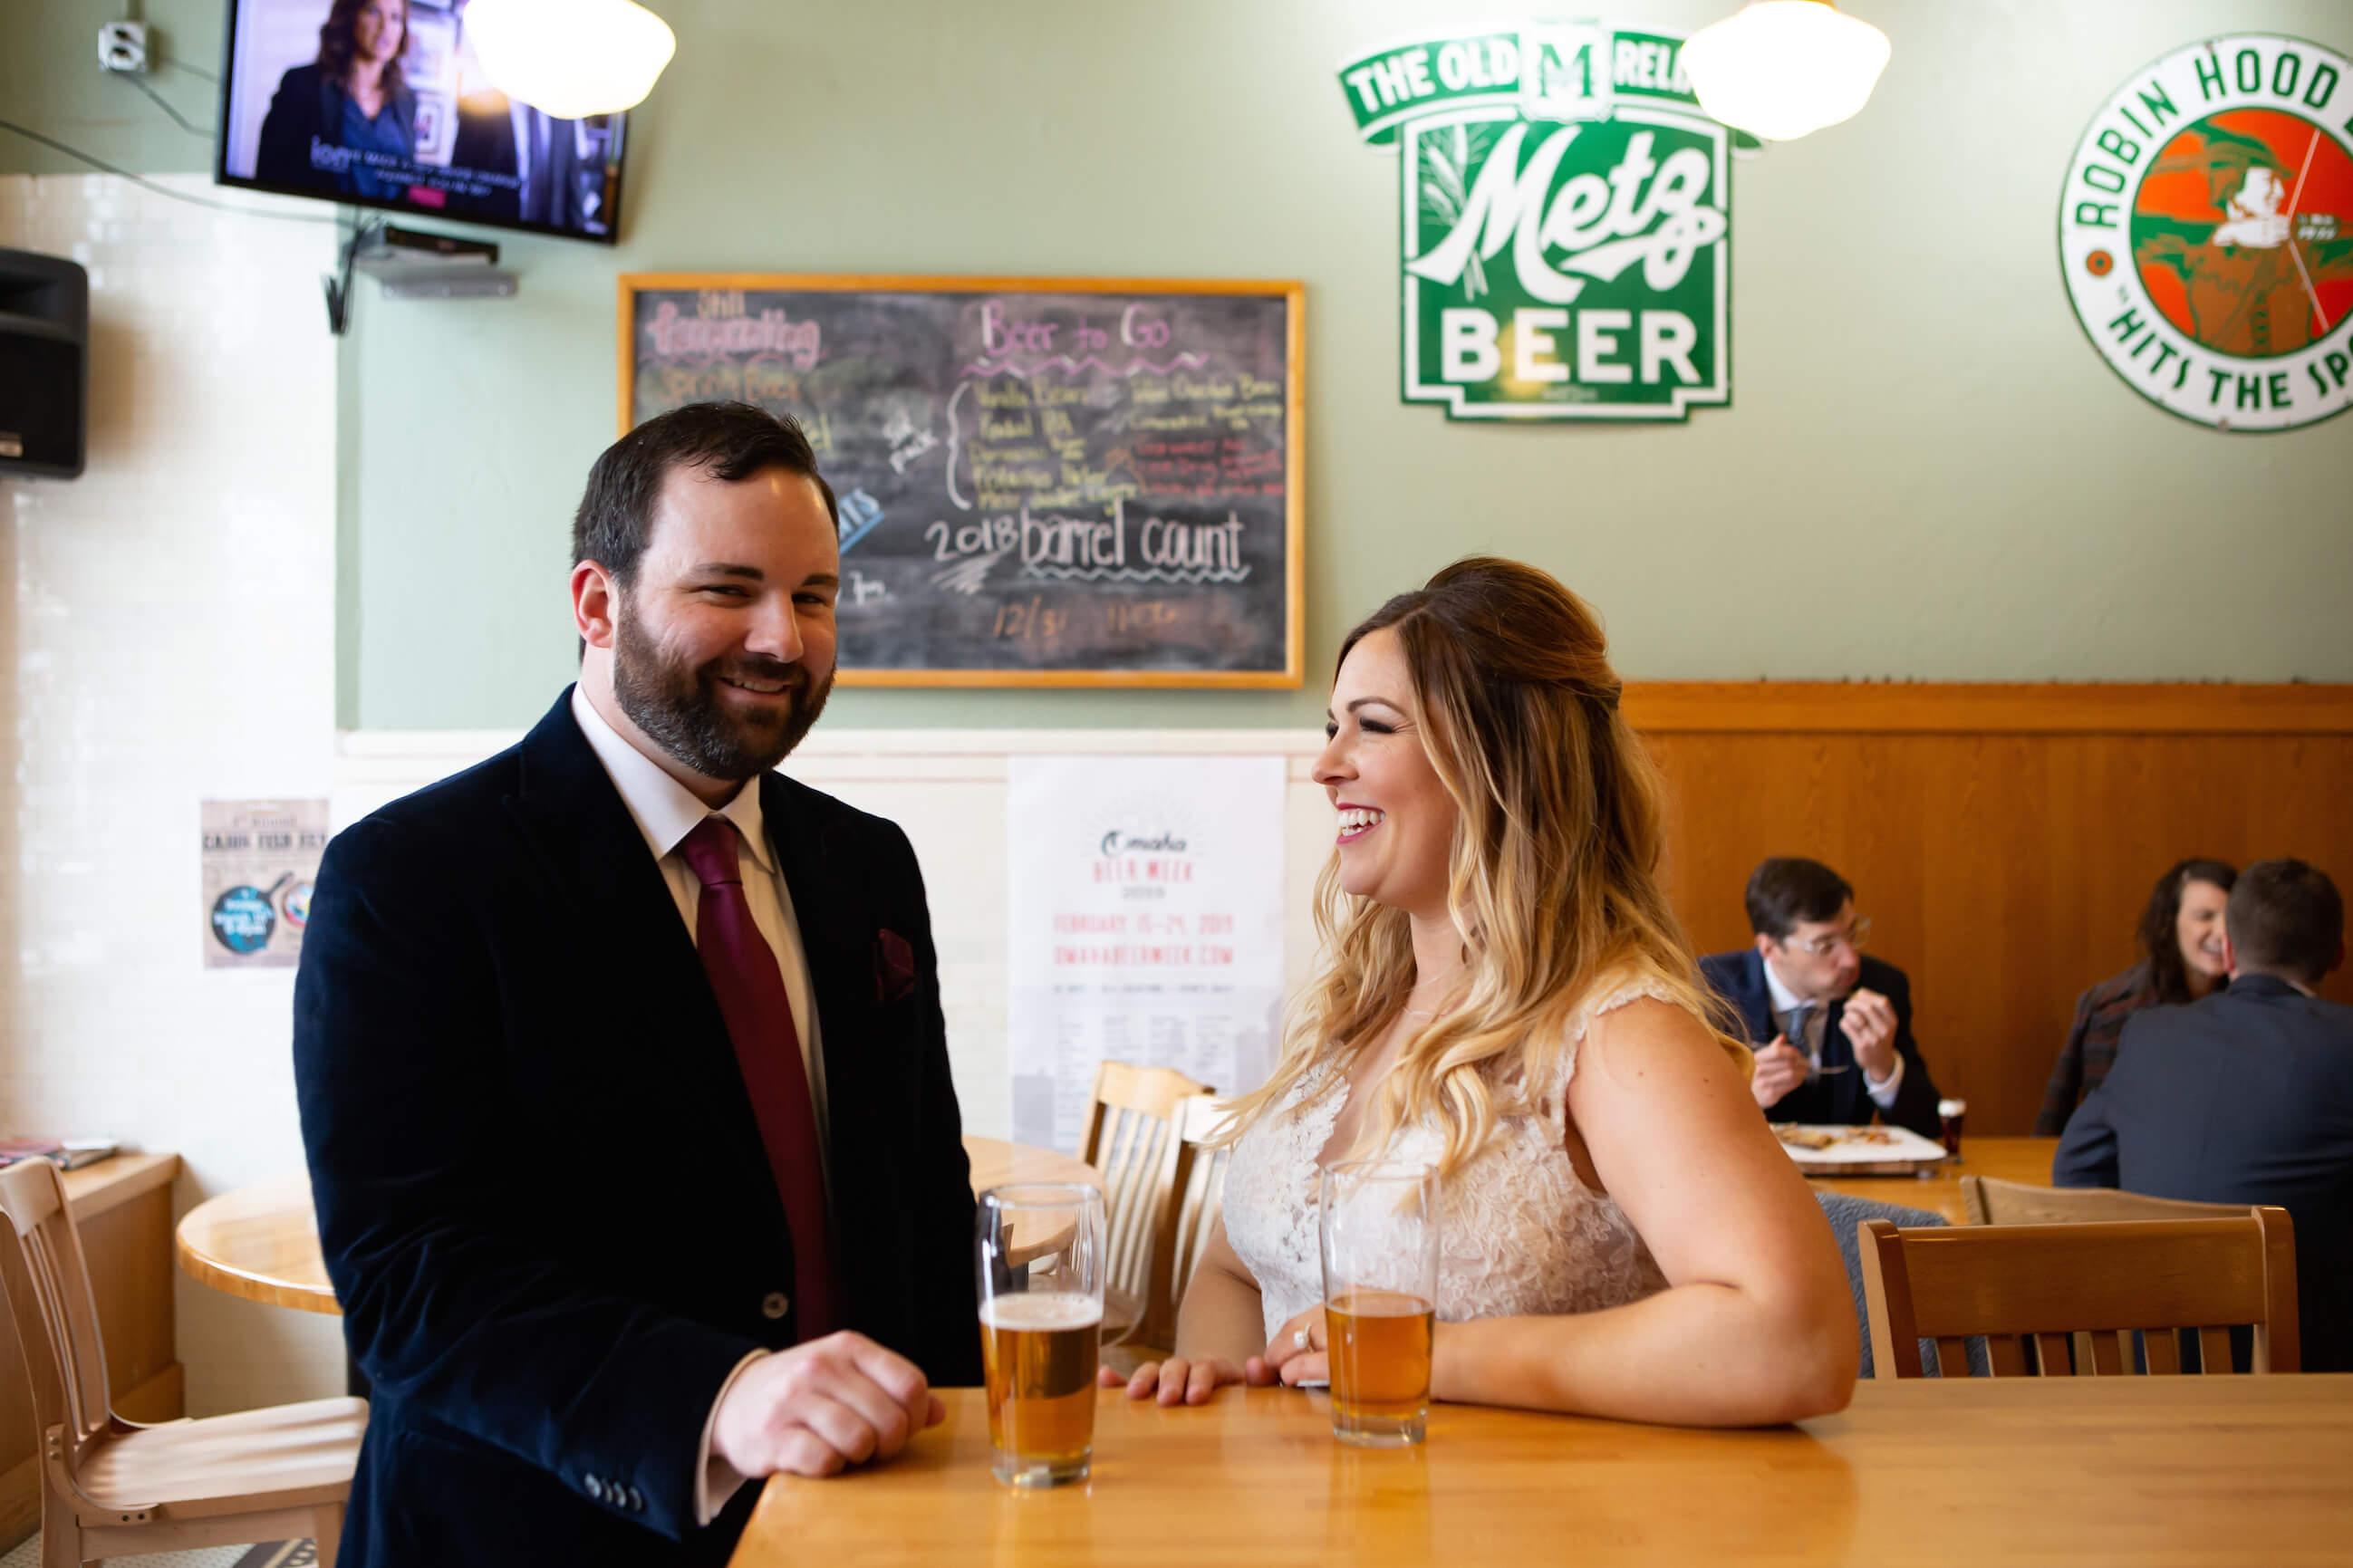 beer, newlyweds at bar, Omaha, Nebraska